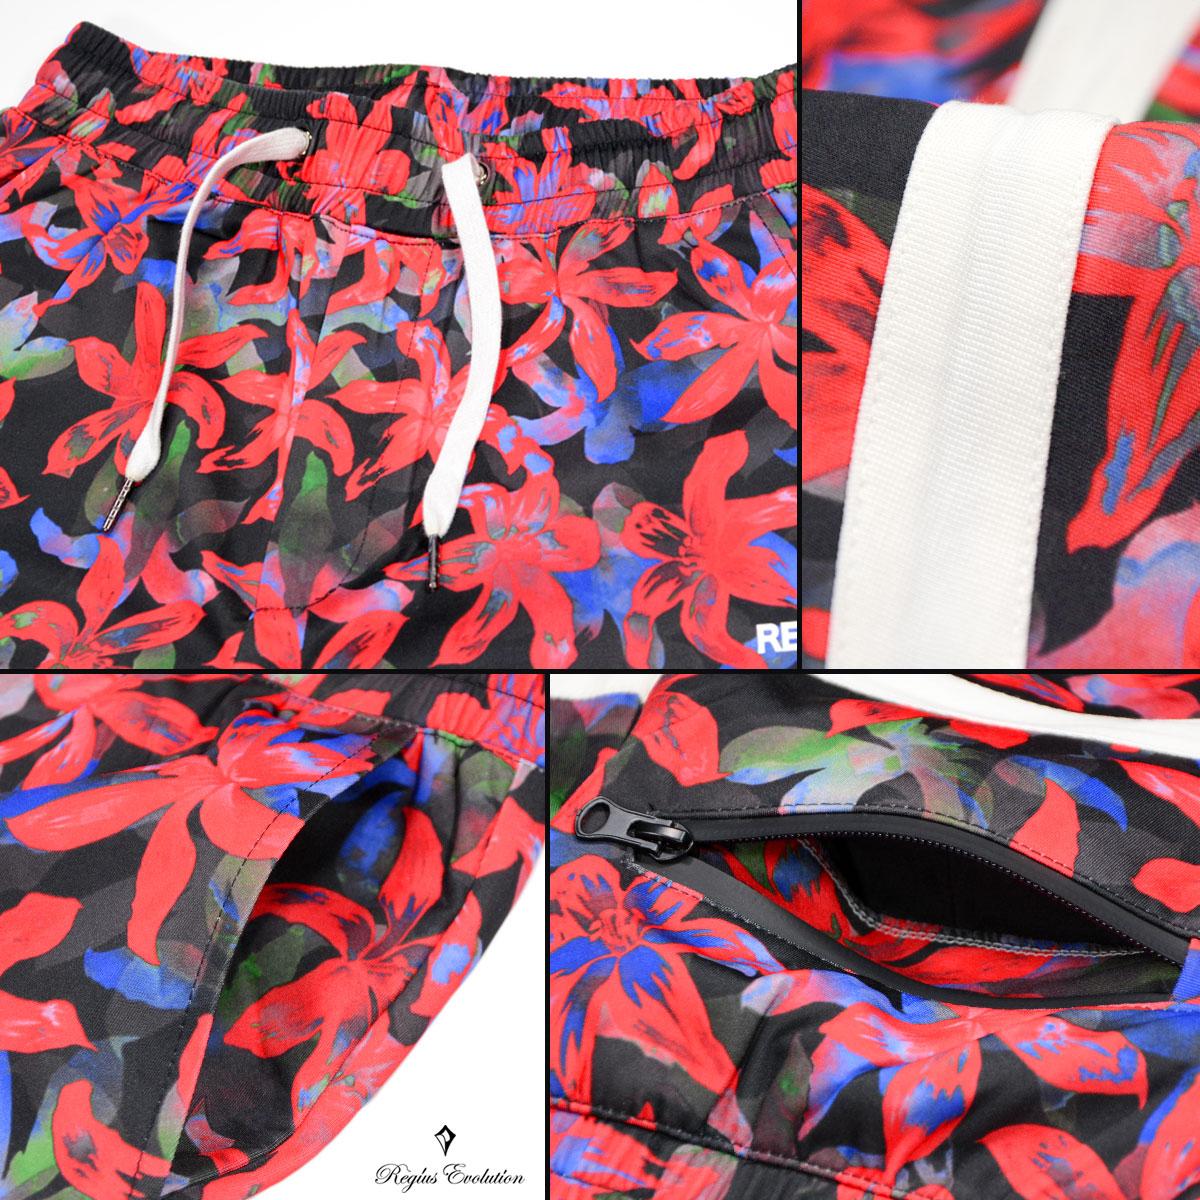 レジエボ ショートパンツ 花柄 メンズ ボタニカル 膝上 ショート丈 ジャージ パンツ mens レッド赤ブラック黒851109bYE2eWDHI